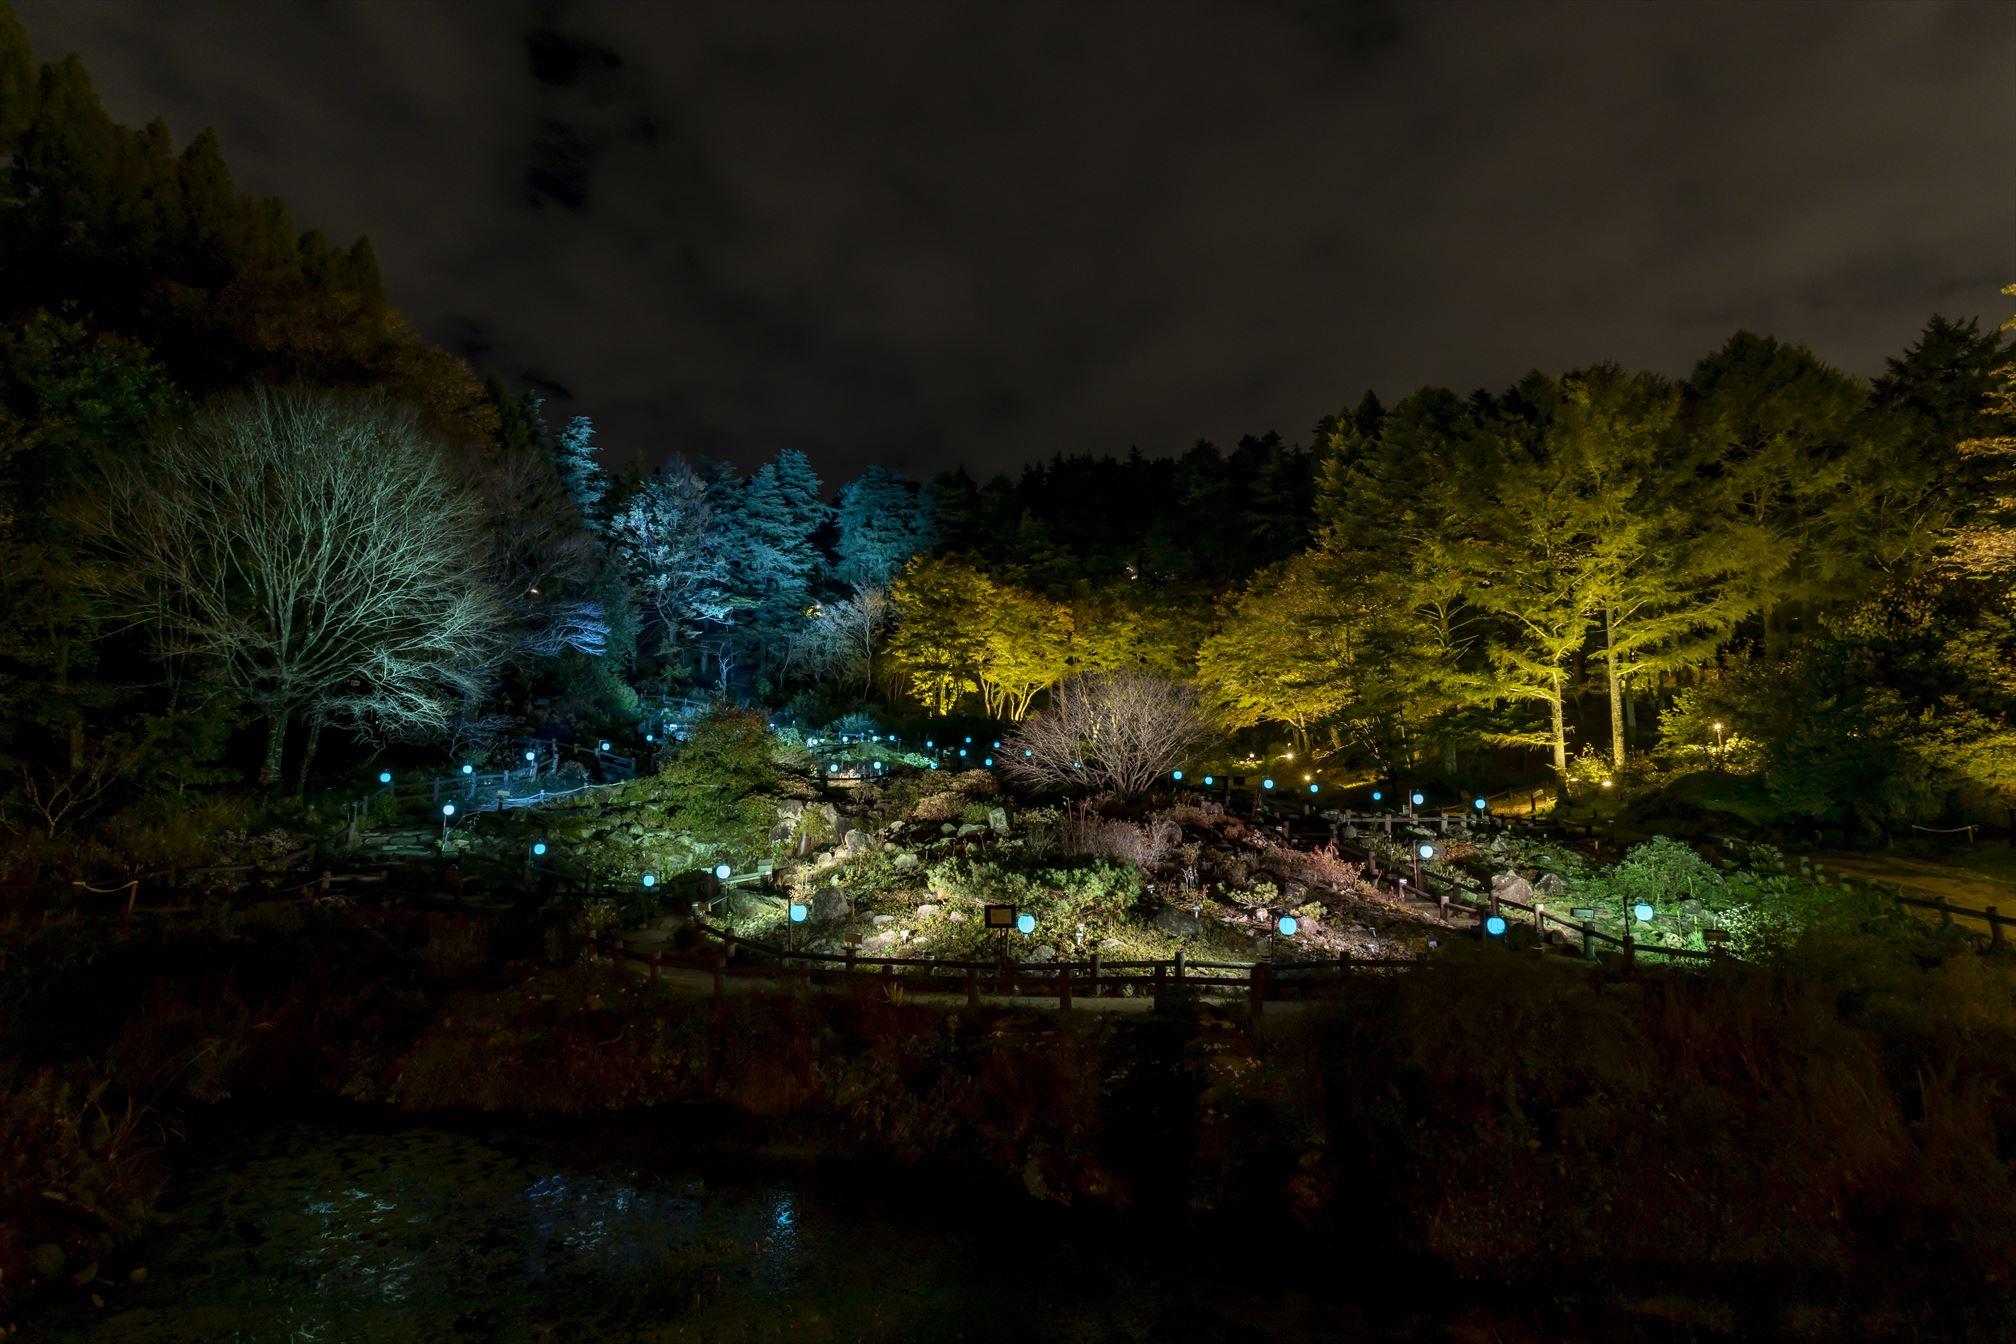 髙橋匡太「Glow with Night Garden Project in Rokko 提灯行列ランドスケープ」 六甲高山植物園